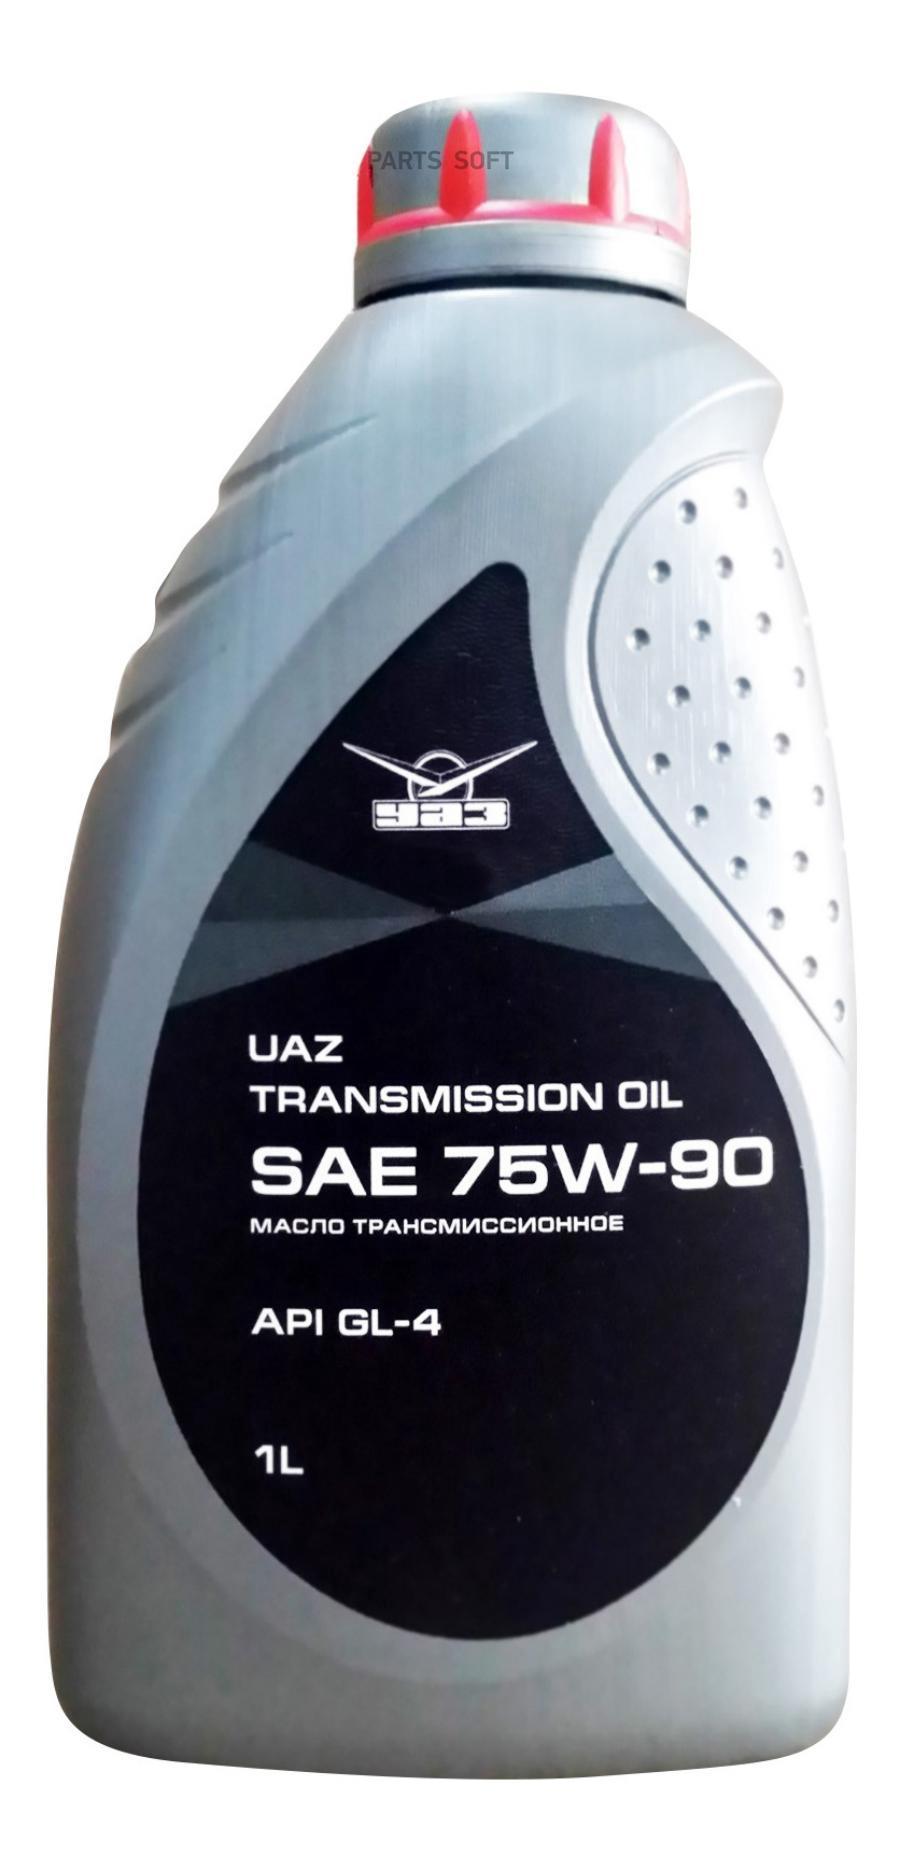 Масло трансмиссионное полусинтетическое Transmission Oil 75W-90, 1л